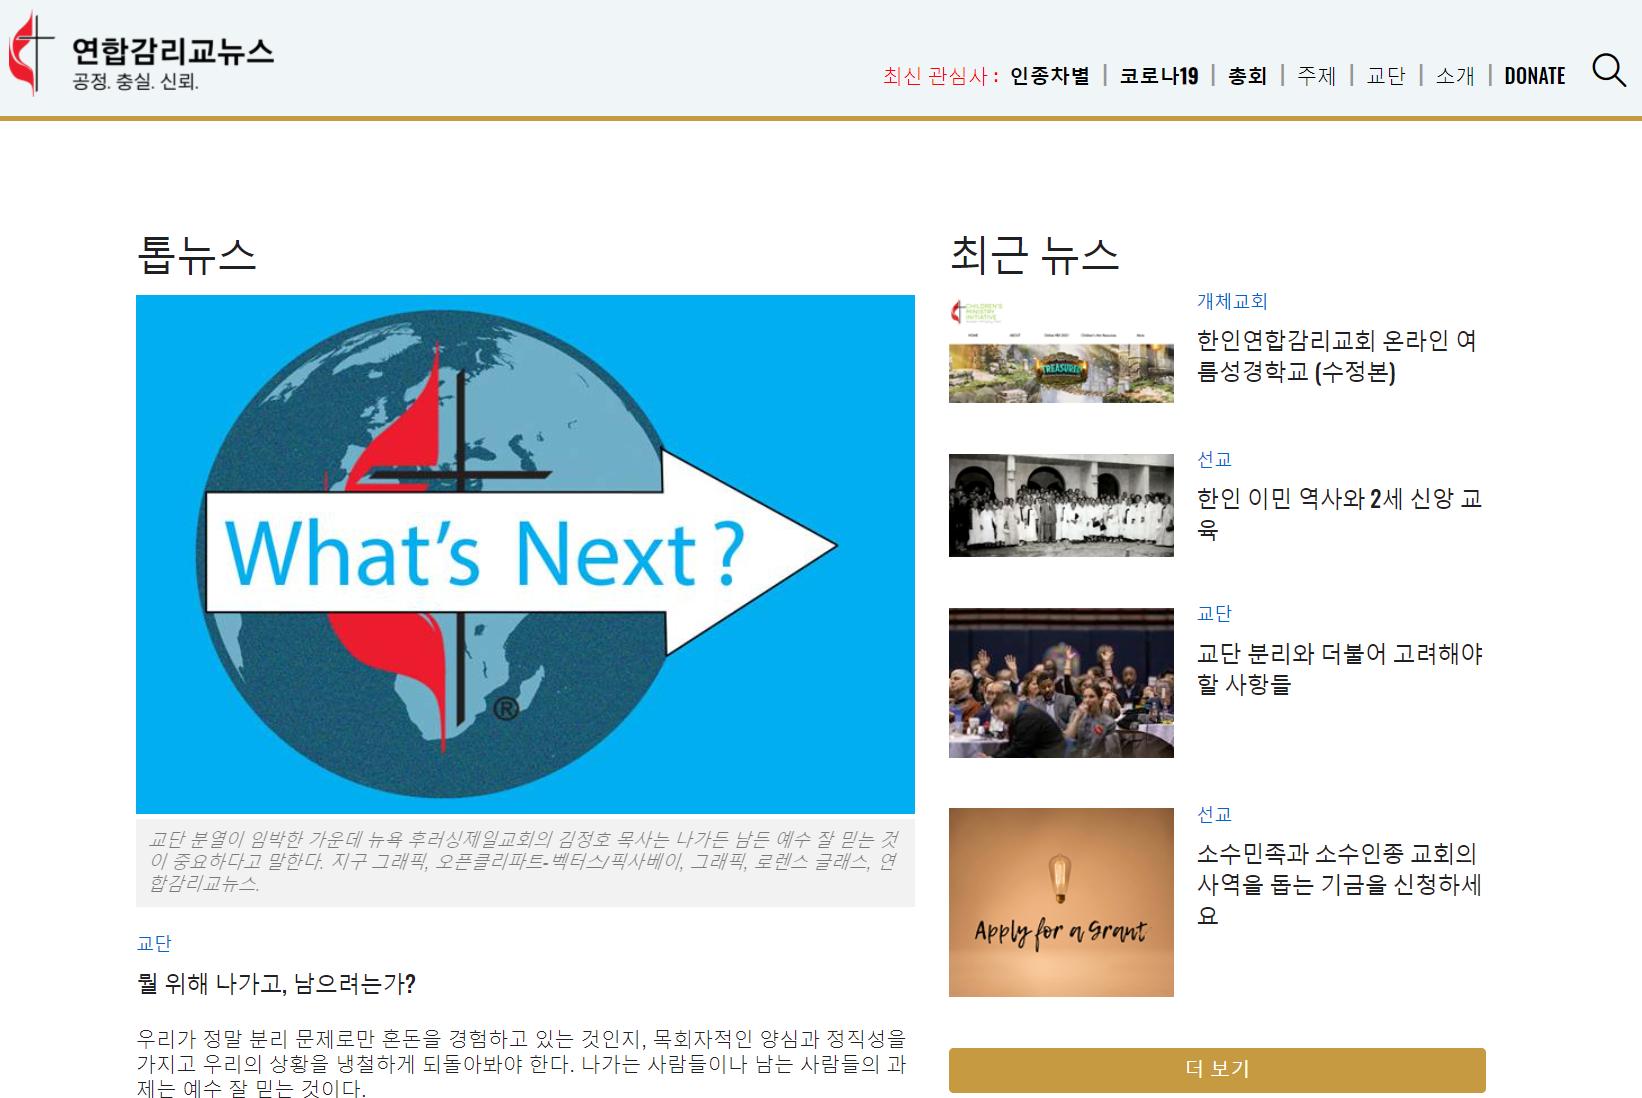 연합감리교뉴스 웹사이트(www.umnews.org/ko) 7월 5일 자 화면 갈무리.